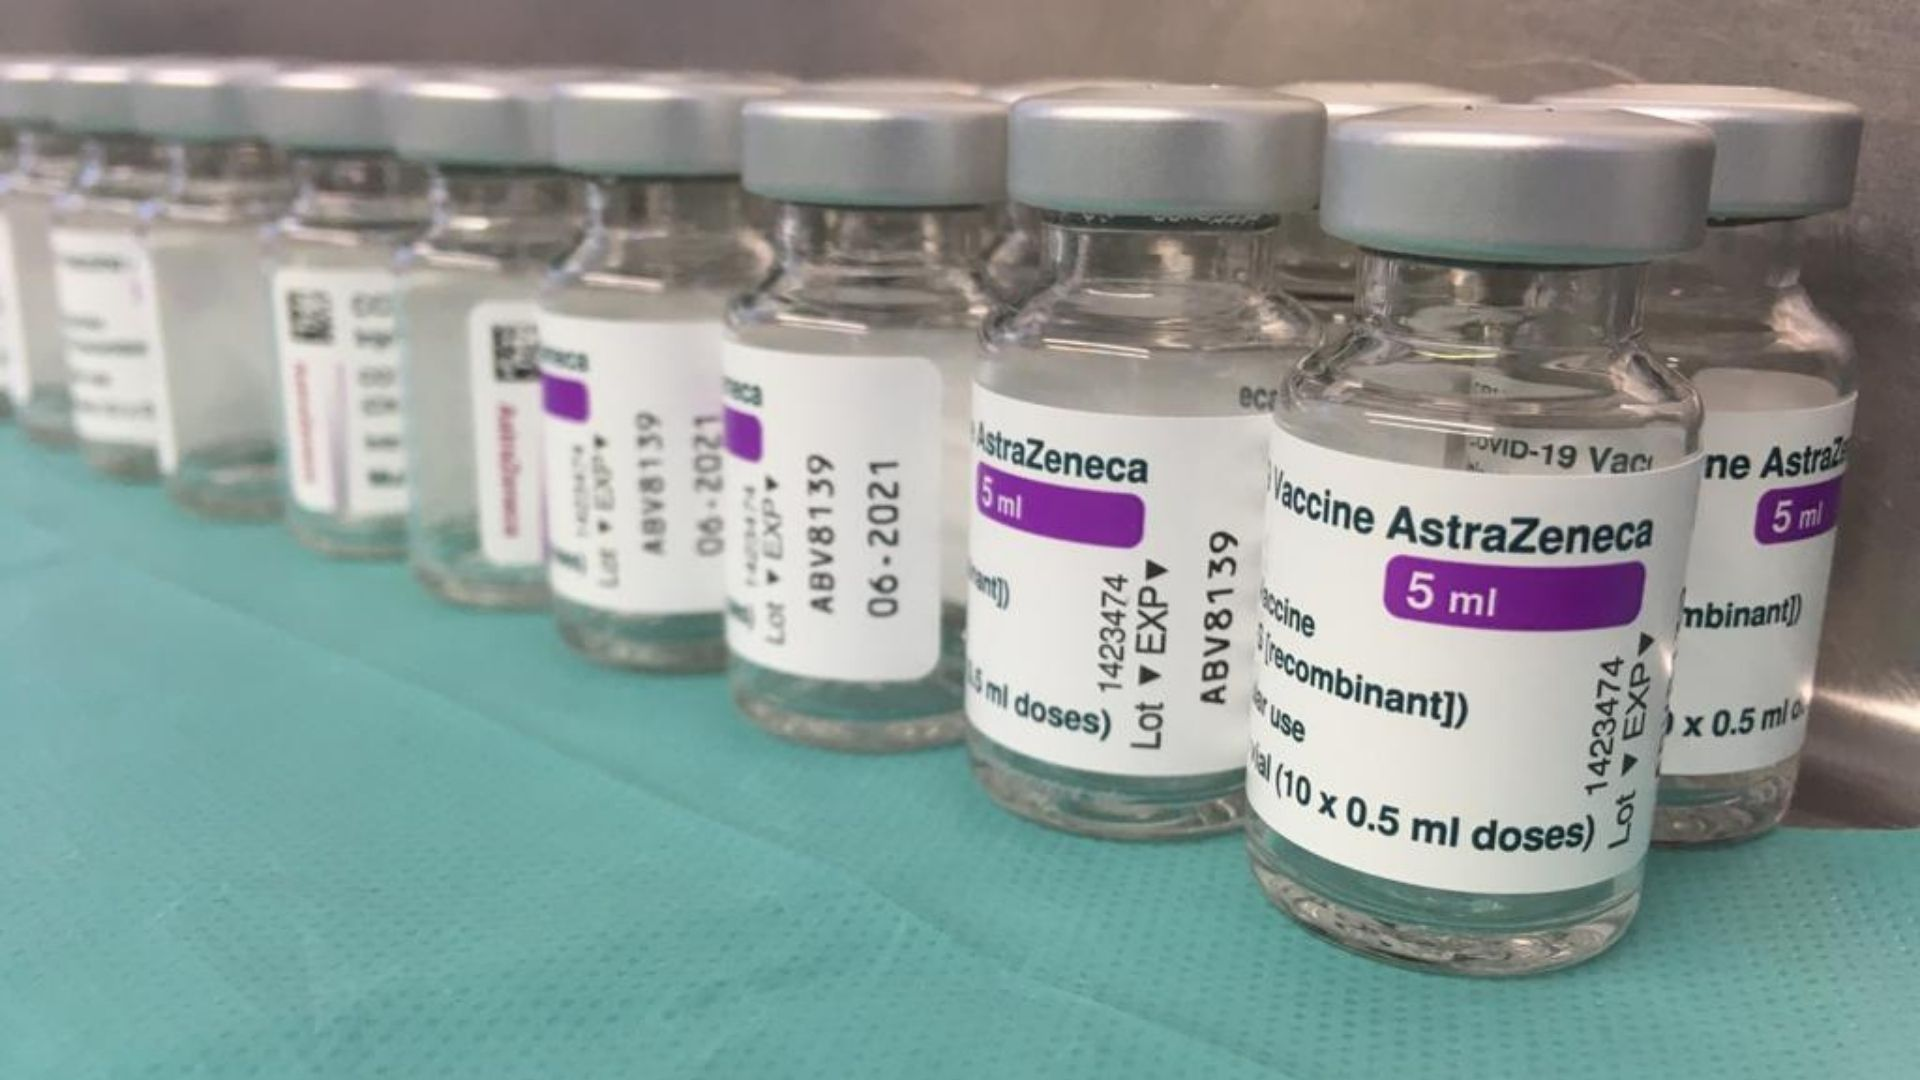 Vacuna d'AstraZeneca al CAP Casernes de Barcelona. Primer dia de la represa de la vacunació. Foto: Oriol Castillo